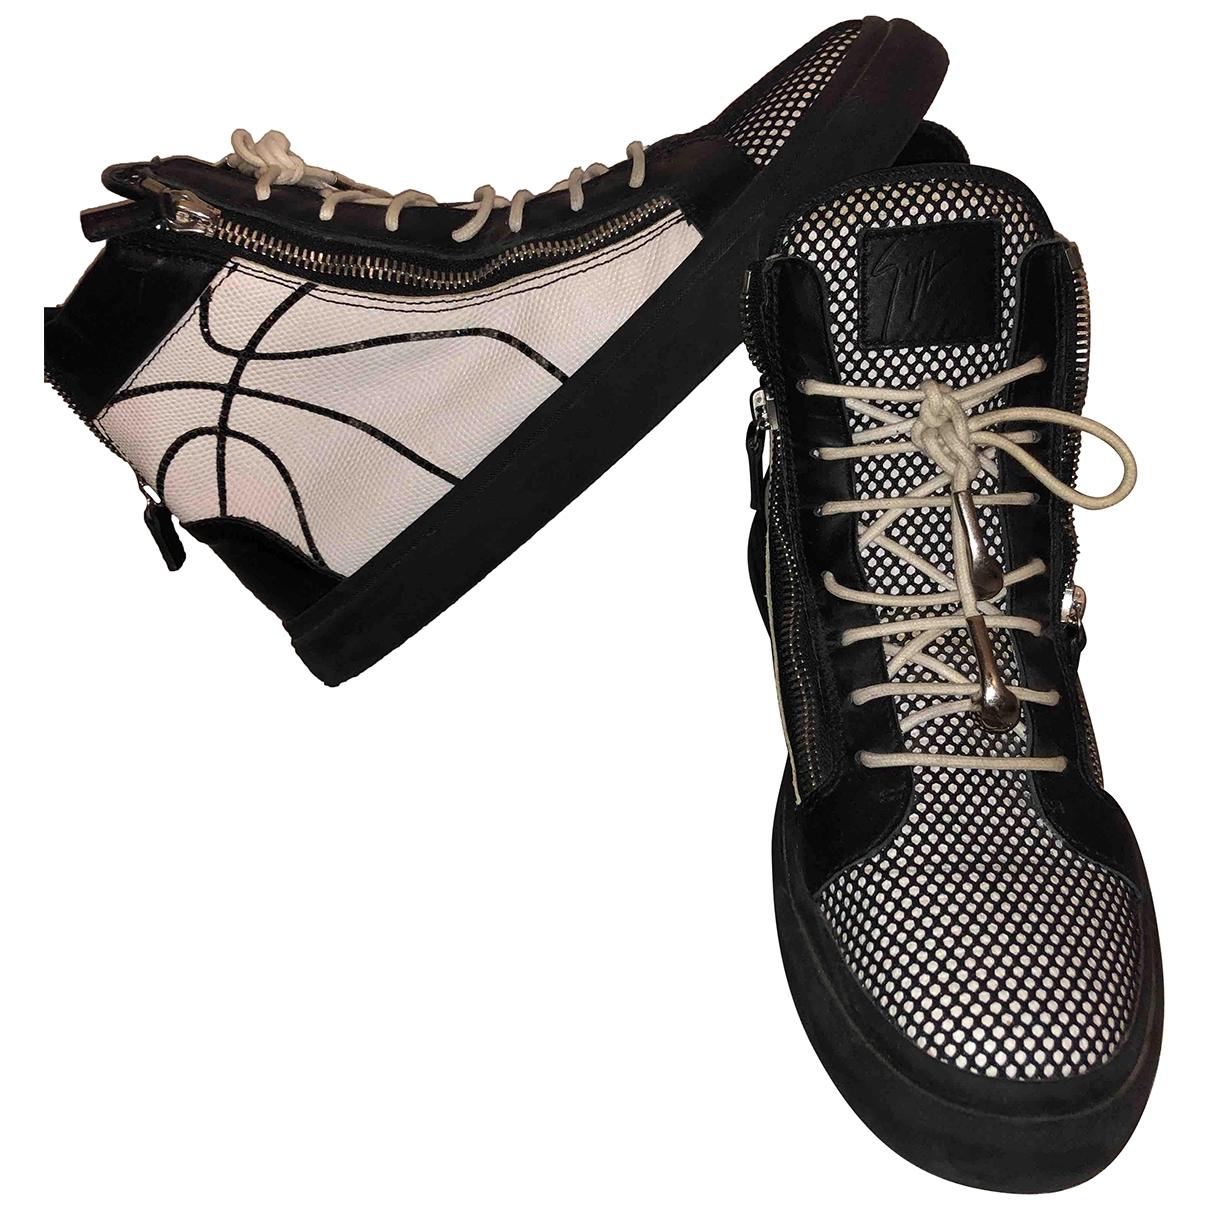 Giuseppe Zanotti - Baskets   pour homme en a paillettes - blanc